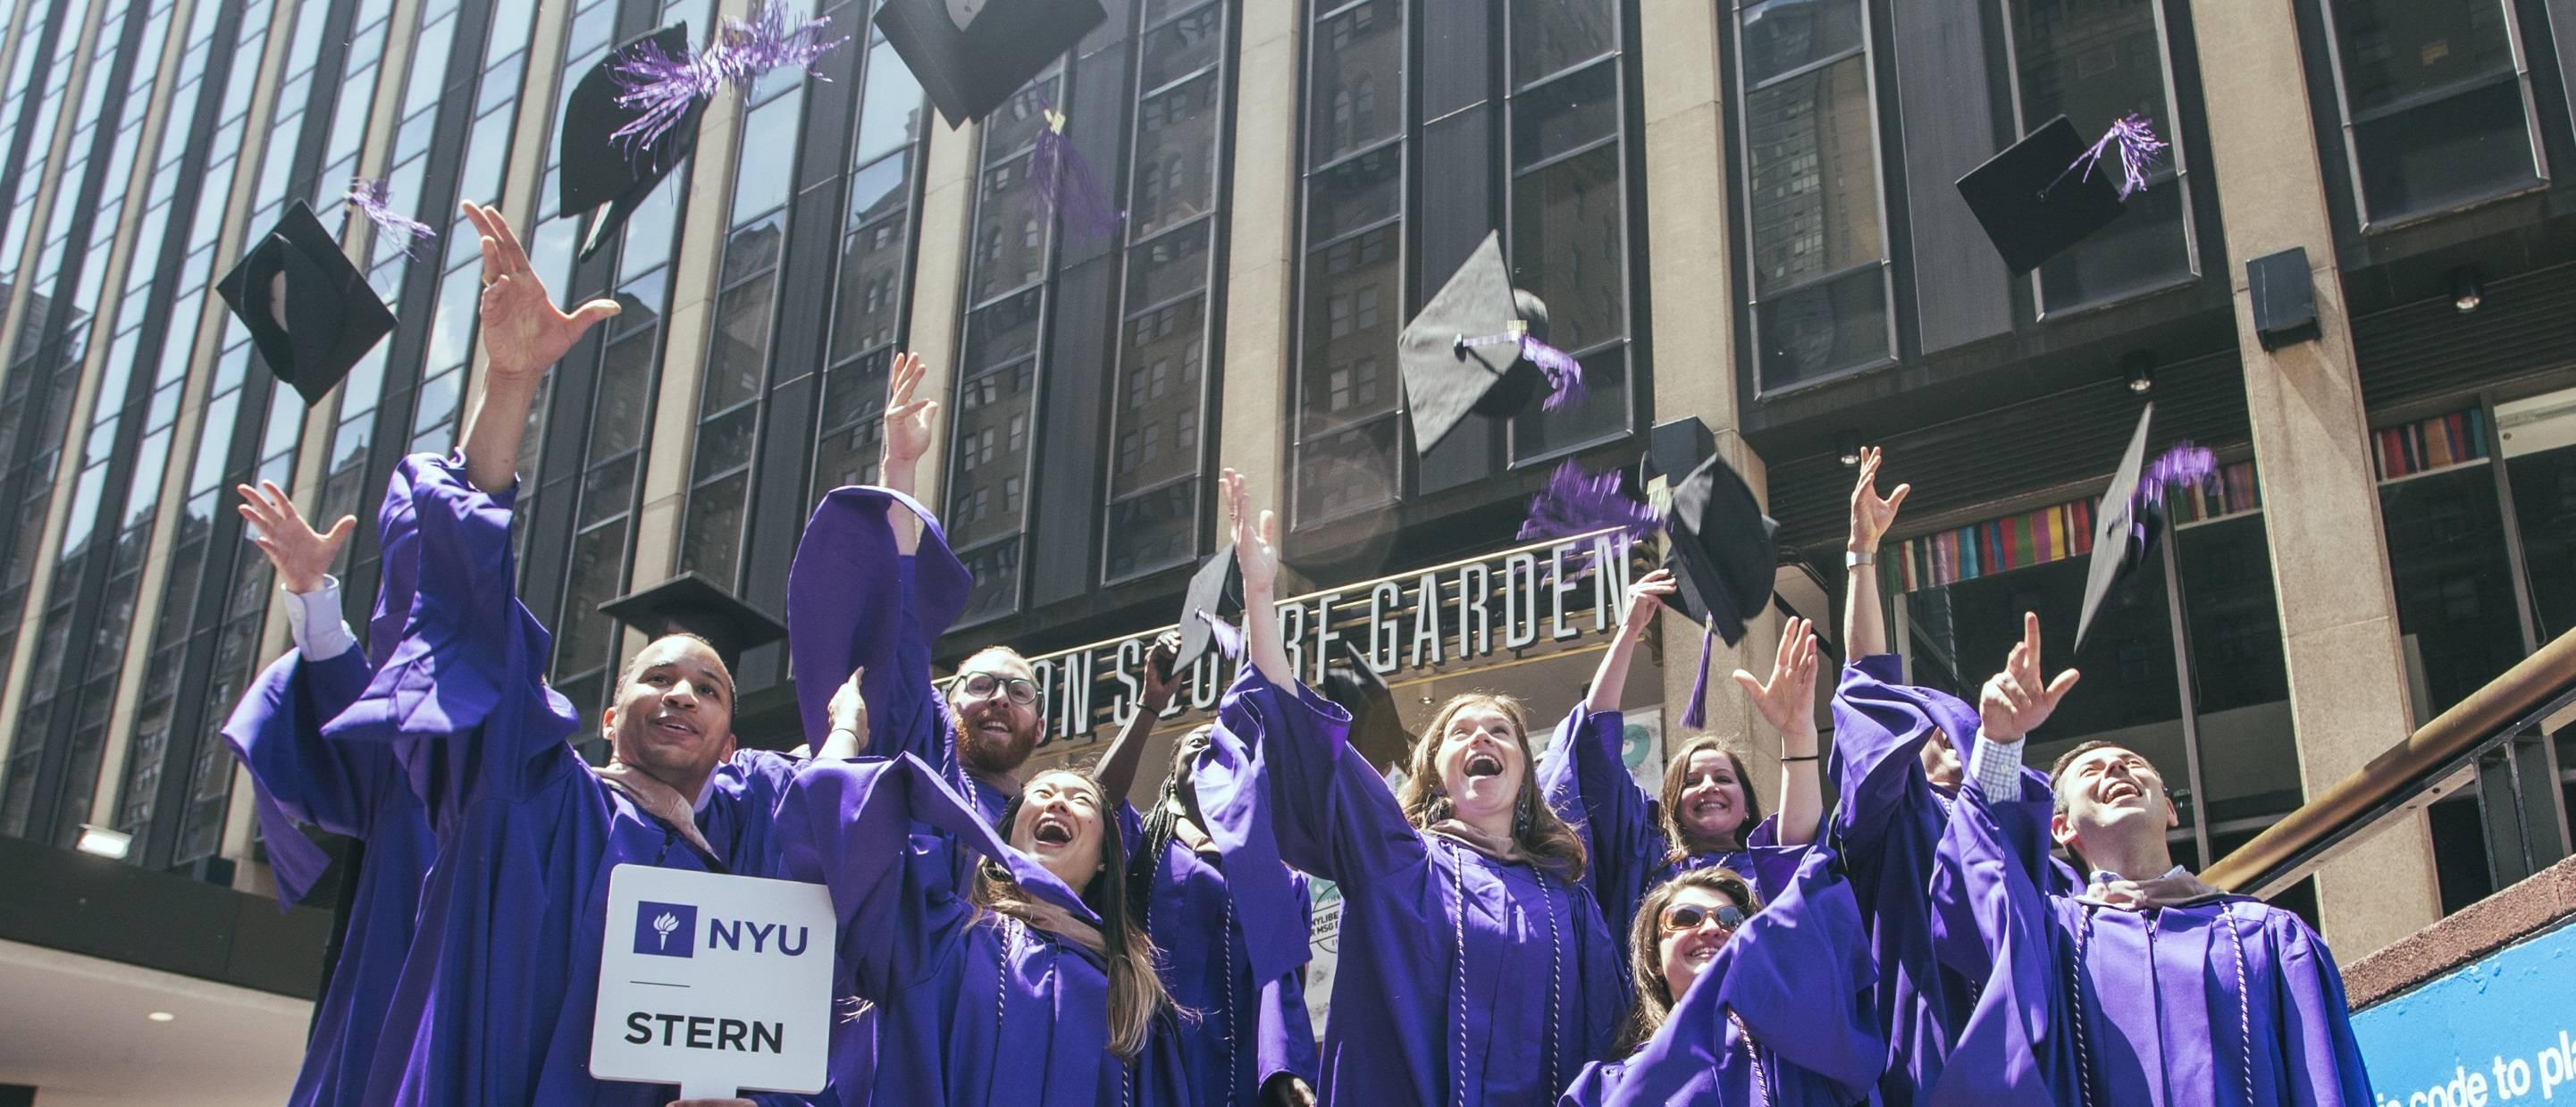 Нью-йоркский университет: как поступить, виртуальные туры и многое другое 2020 | campusreel